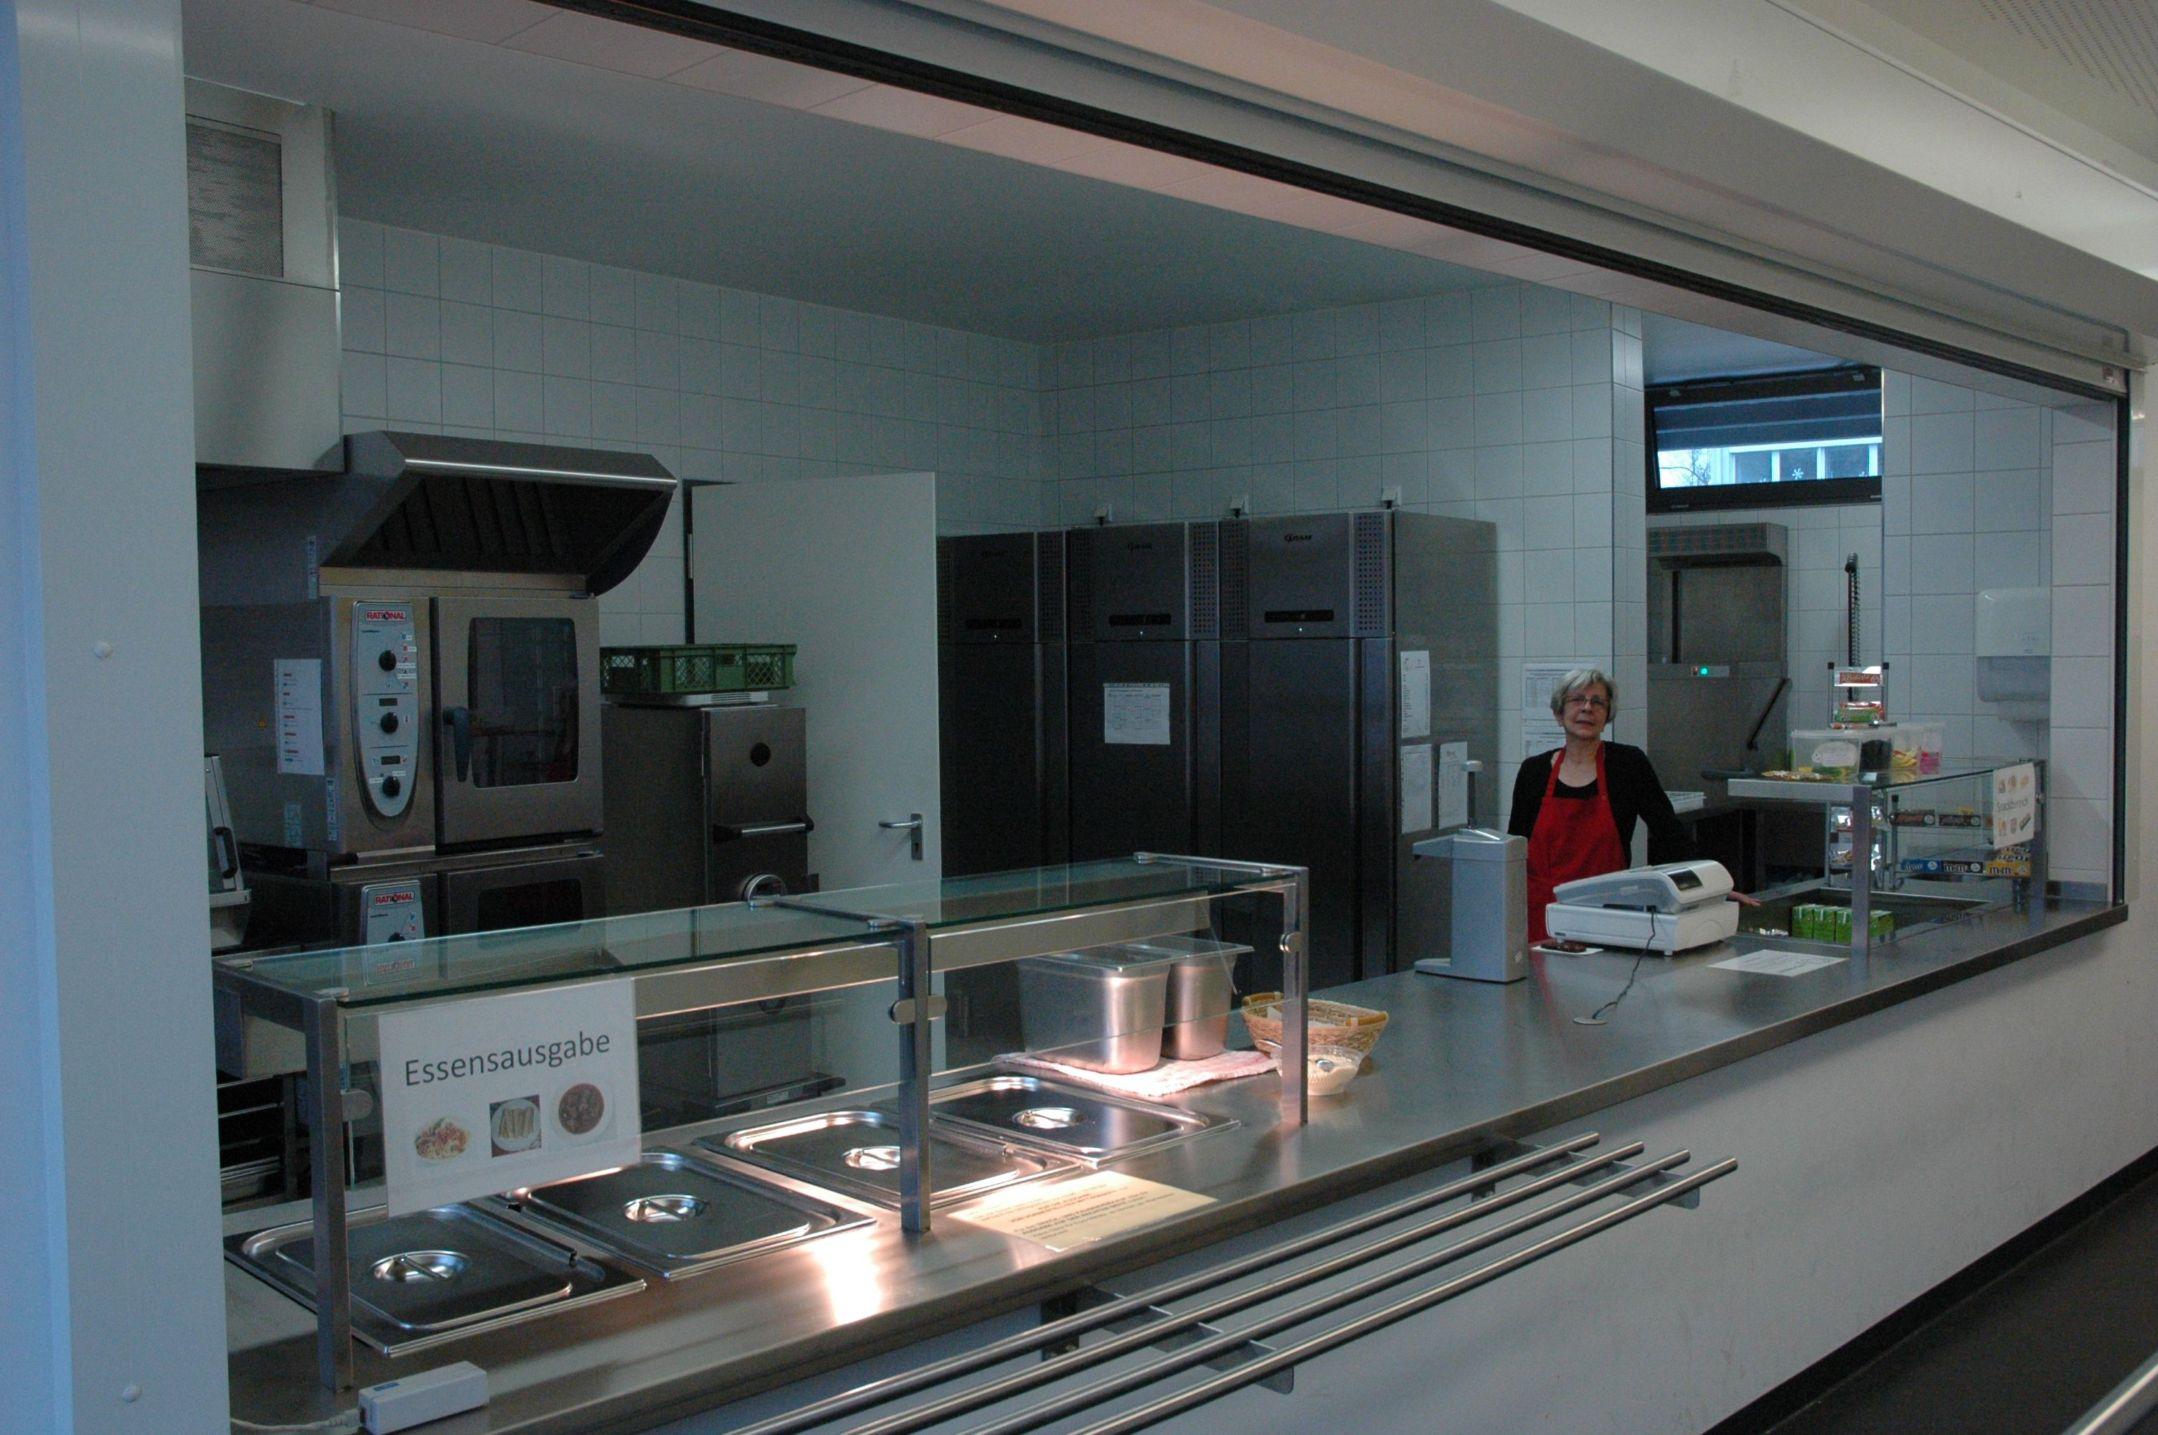 die küche ulm : Die K u00fcche und Essensausgabe des Lessing Gymnasiums